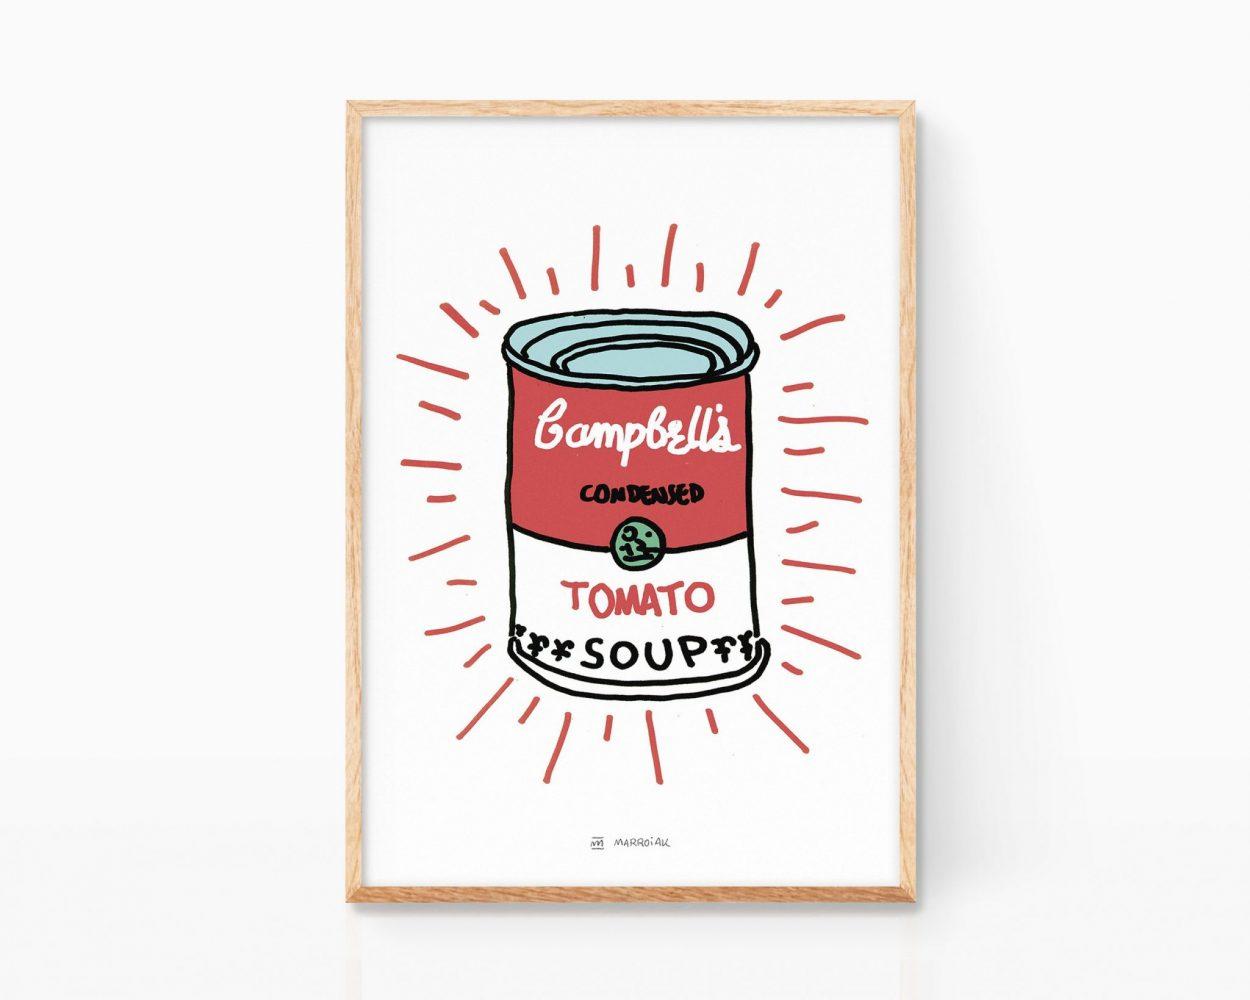 Lámina con un dibujo minimalista de las sopas campbells popularizadas por el artista Andy Warhol